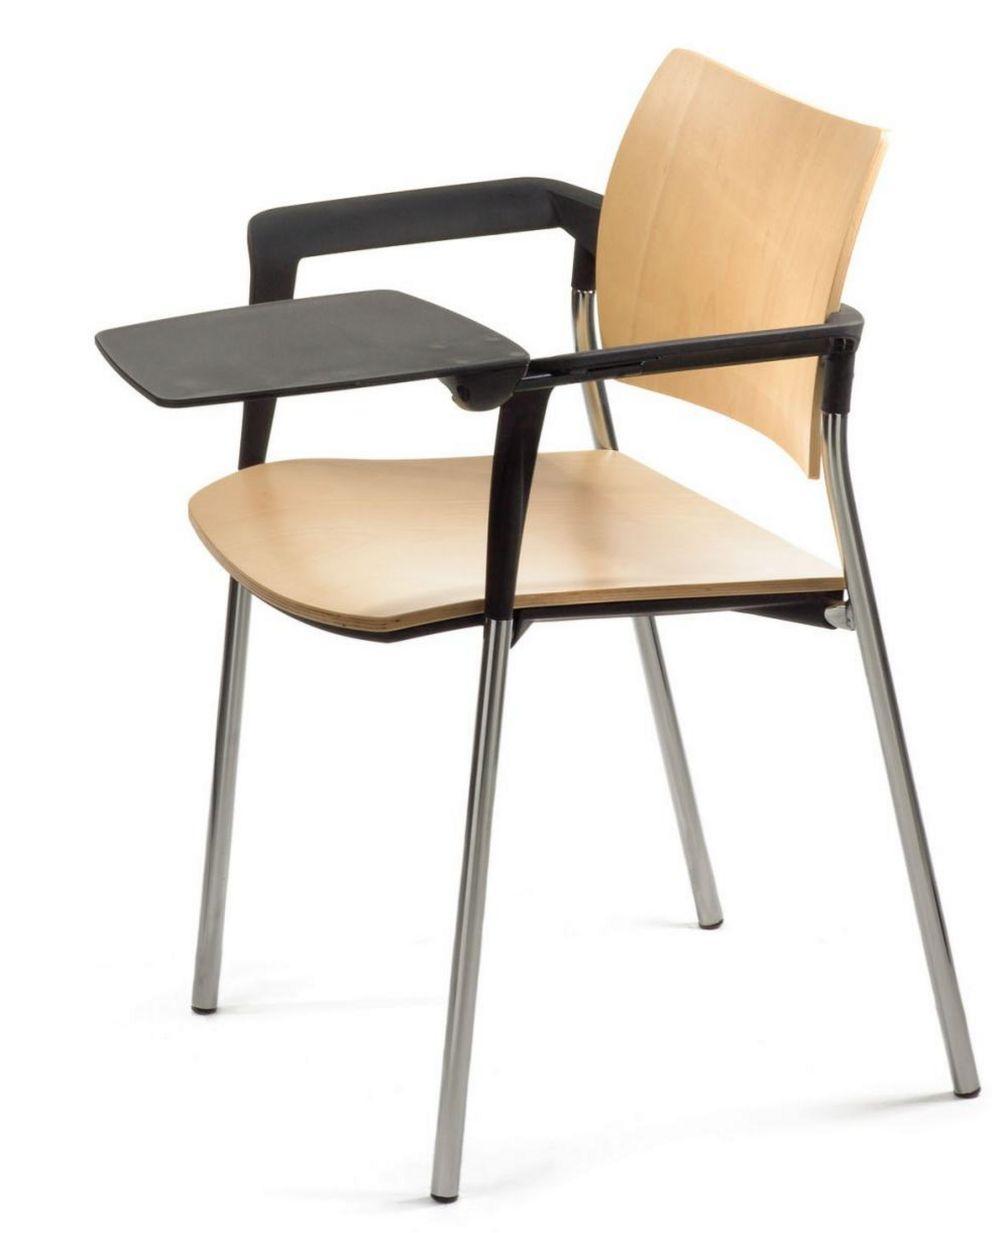 stapelbarer Veranstaltungsstuhl Holz-Sitz mit Schreibtableau